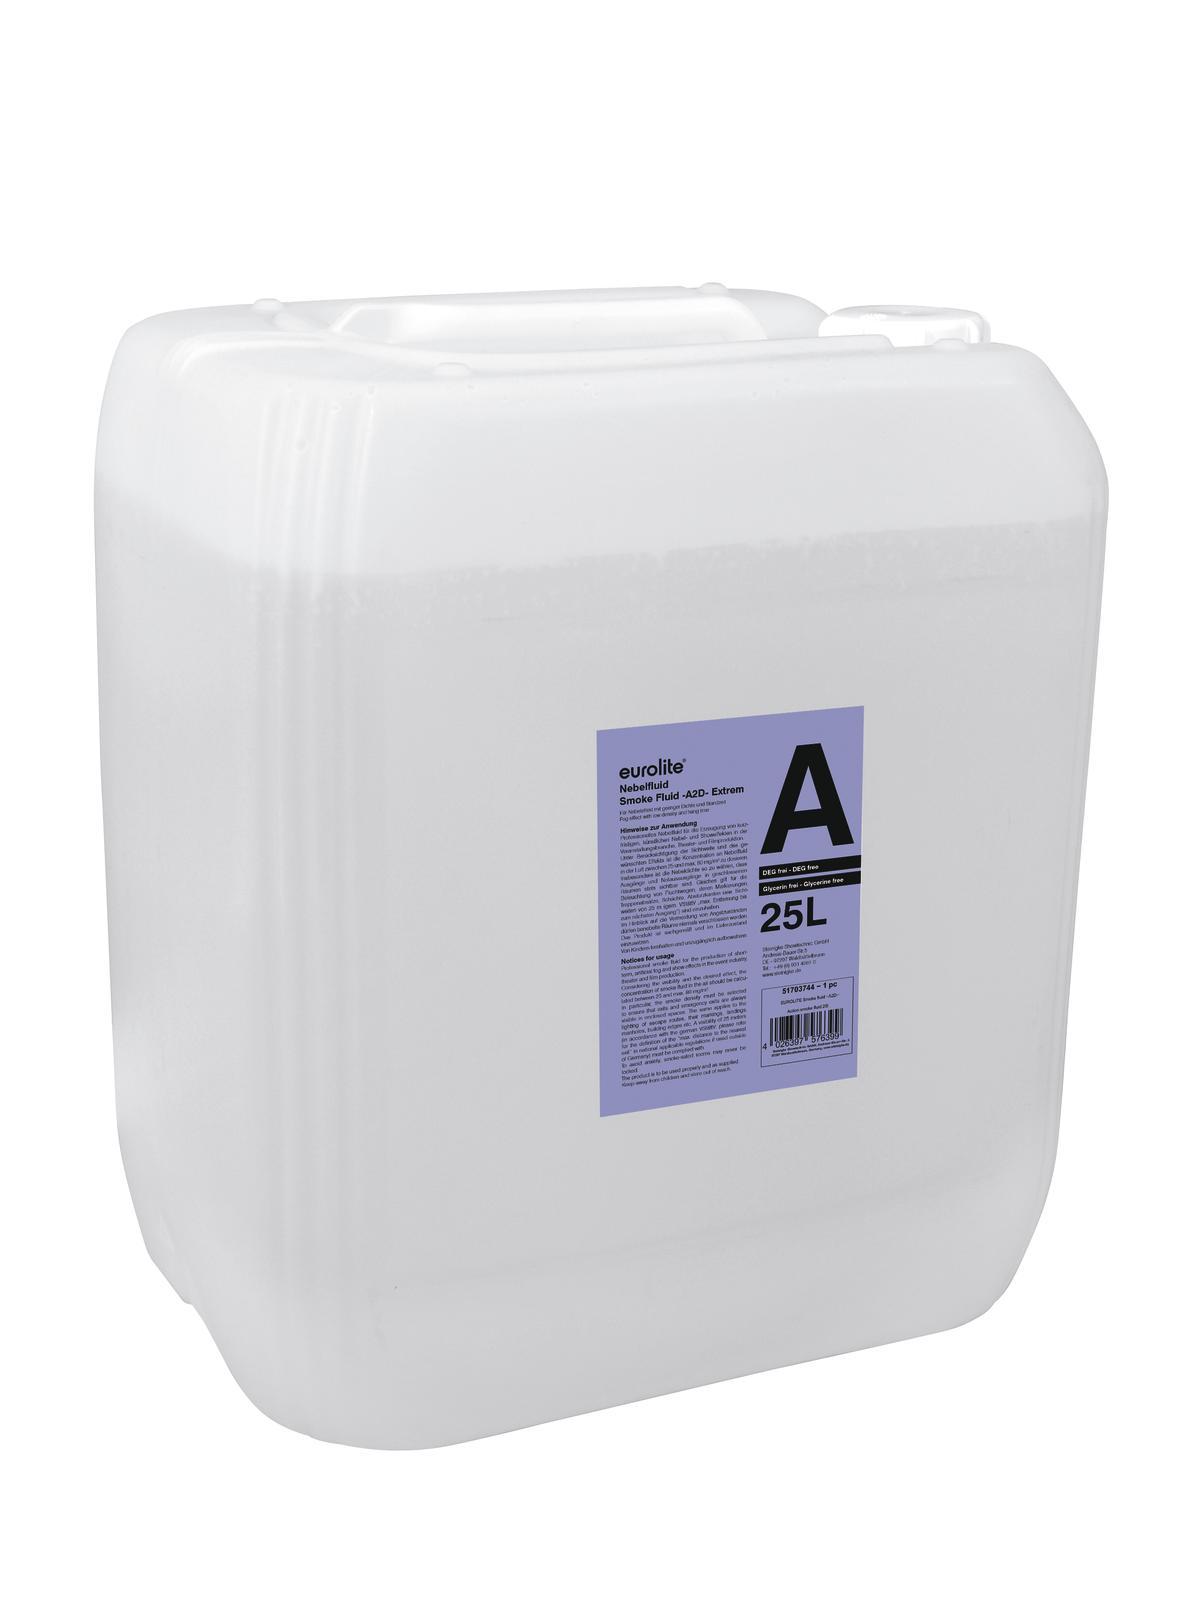 Eurolite náplň do výrobníku mlhy -A2D- Action smoke fluid 25l